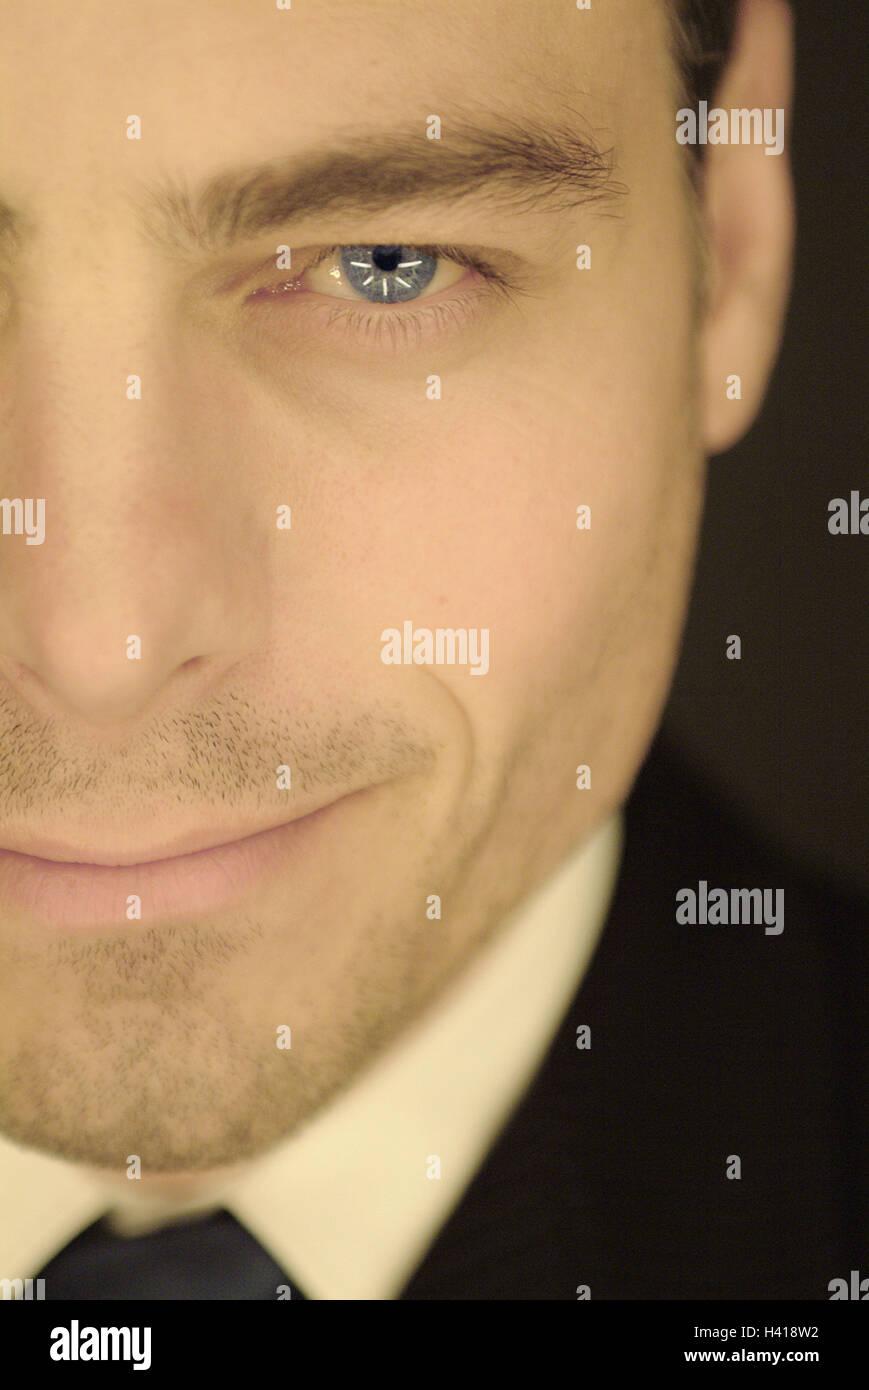 Hombre, mira, el detalle, la sonrisa, considere el empresario, gerente, ojos, ojos azules, morena, traje, auto-confianza, Foto de stock